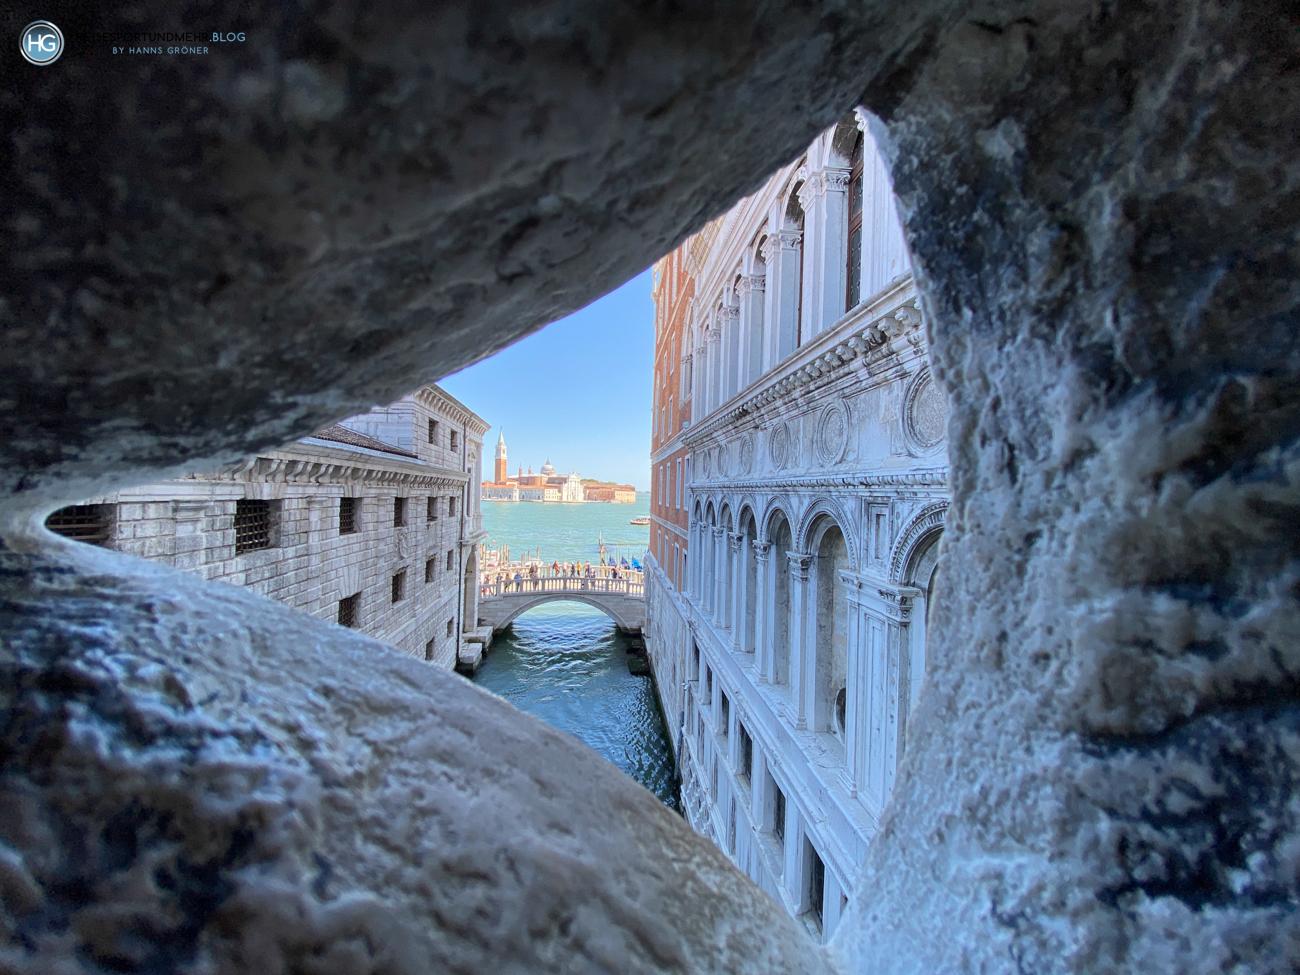 Blick aus der Seufzerbrücke auf das Gefängnis (links), den Dogenpalast (rechts) und San Giorgo Im Hintergrund - Pfingsten 2021 (Foto: Hanns Gröner)